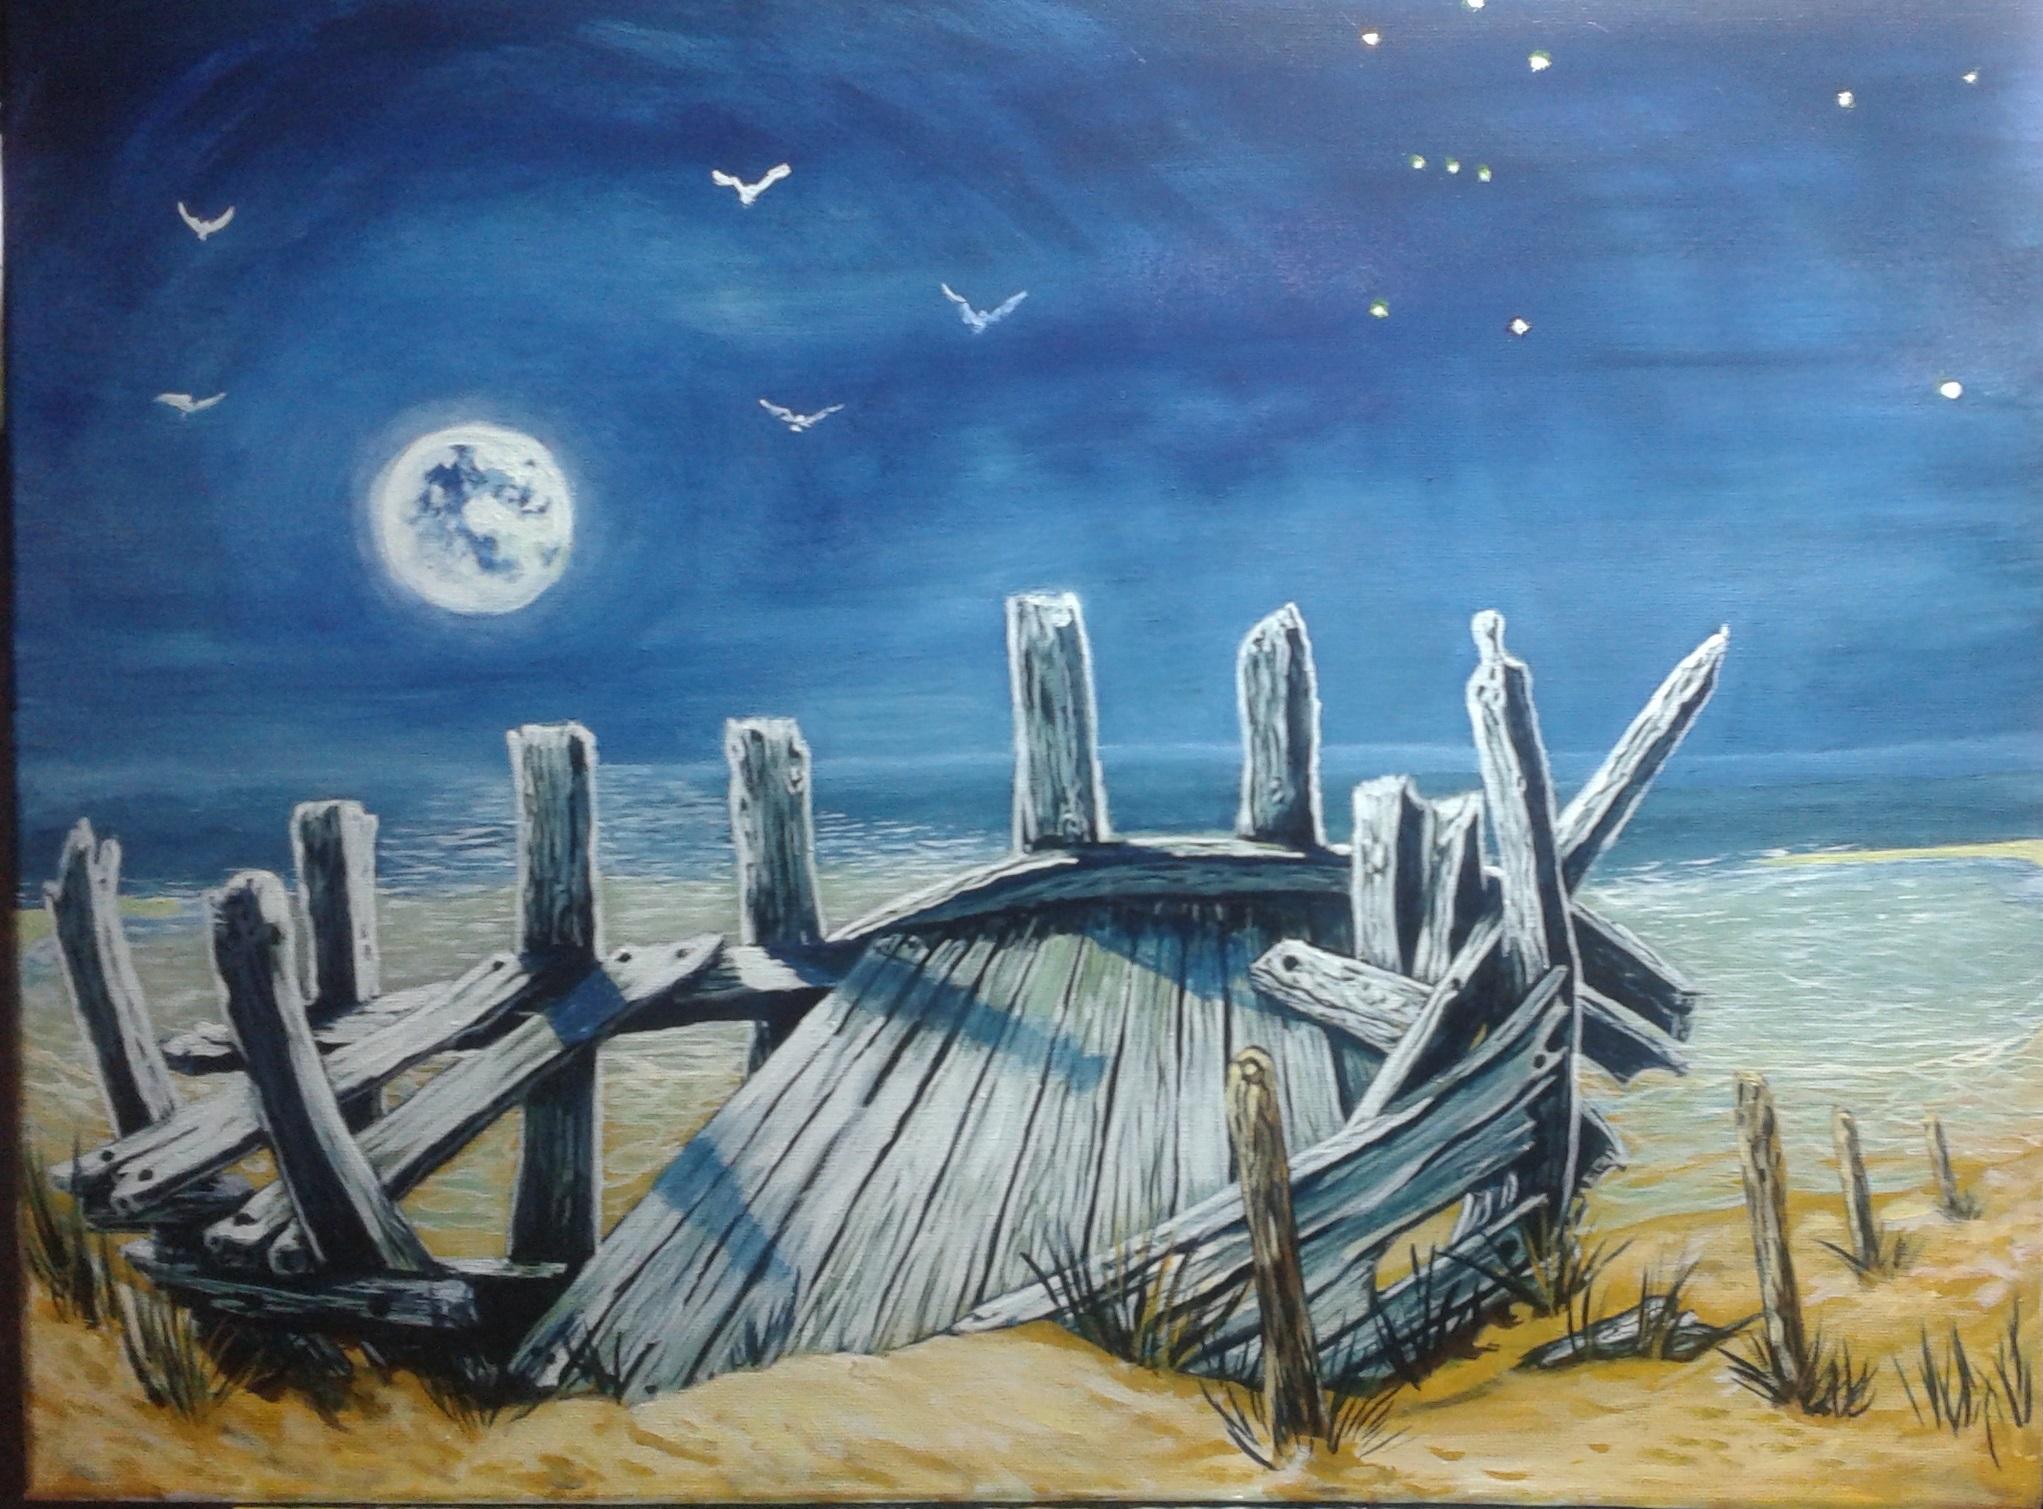 Masaüstü çizim Boyama Illüstrasyon Kuşlar Deniz Kum Gökyüzü